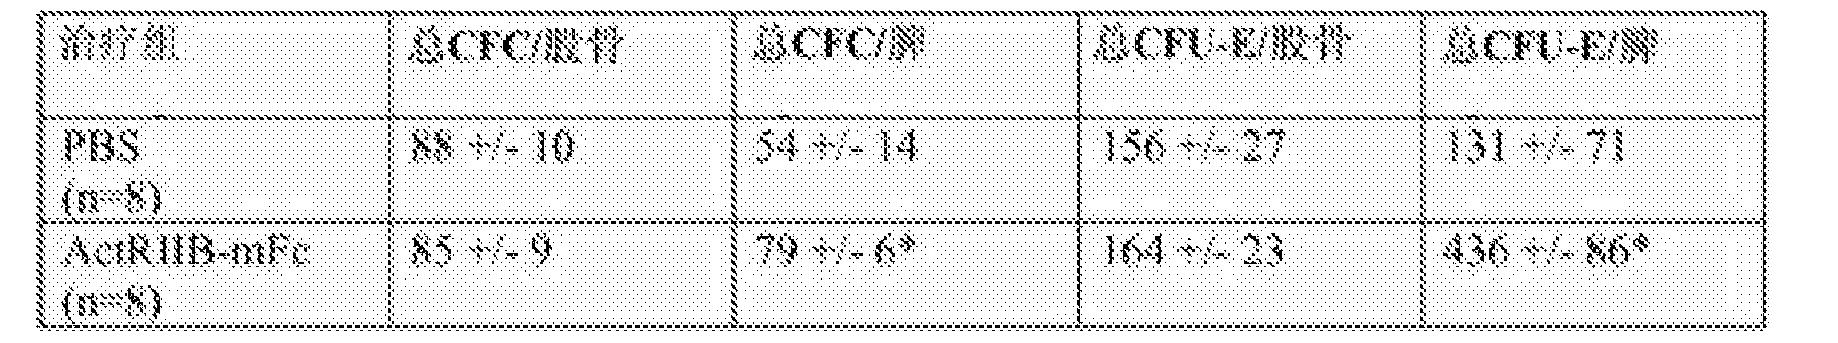 Figure CN103987403BD00502